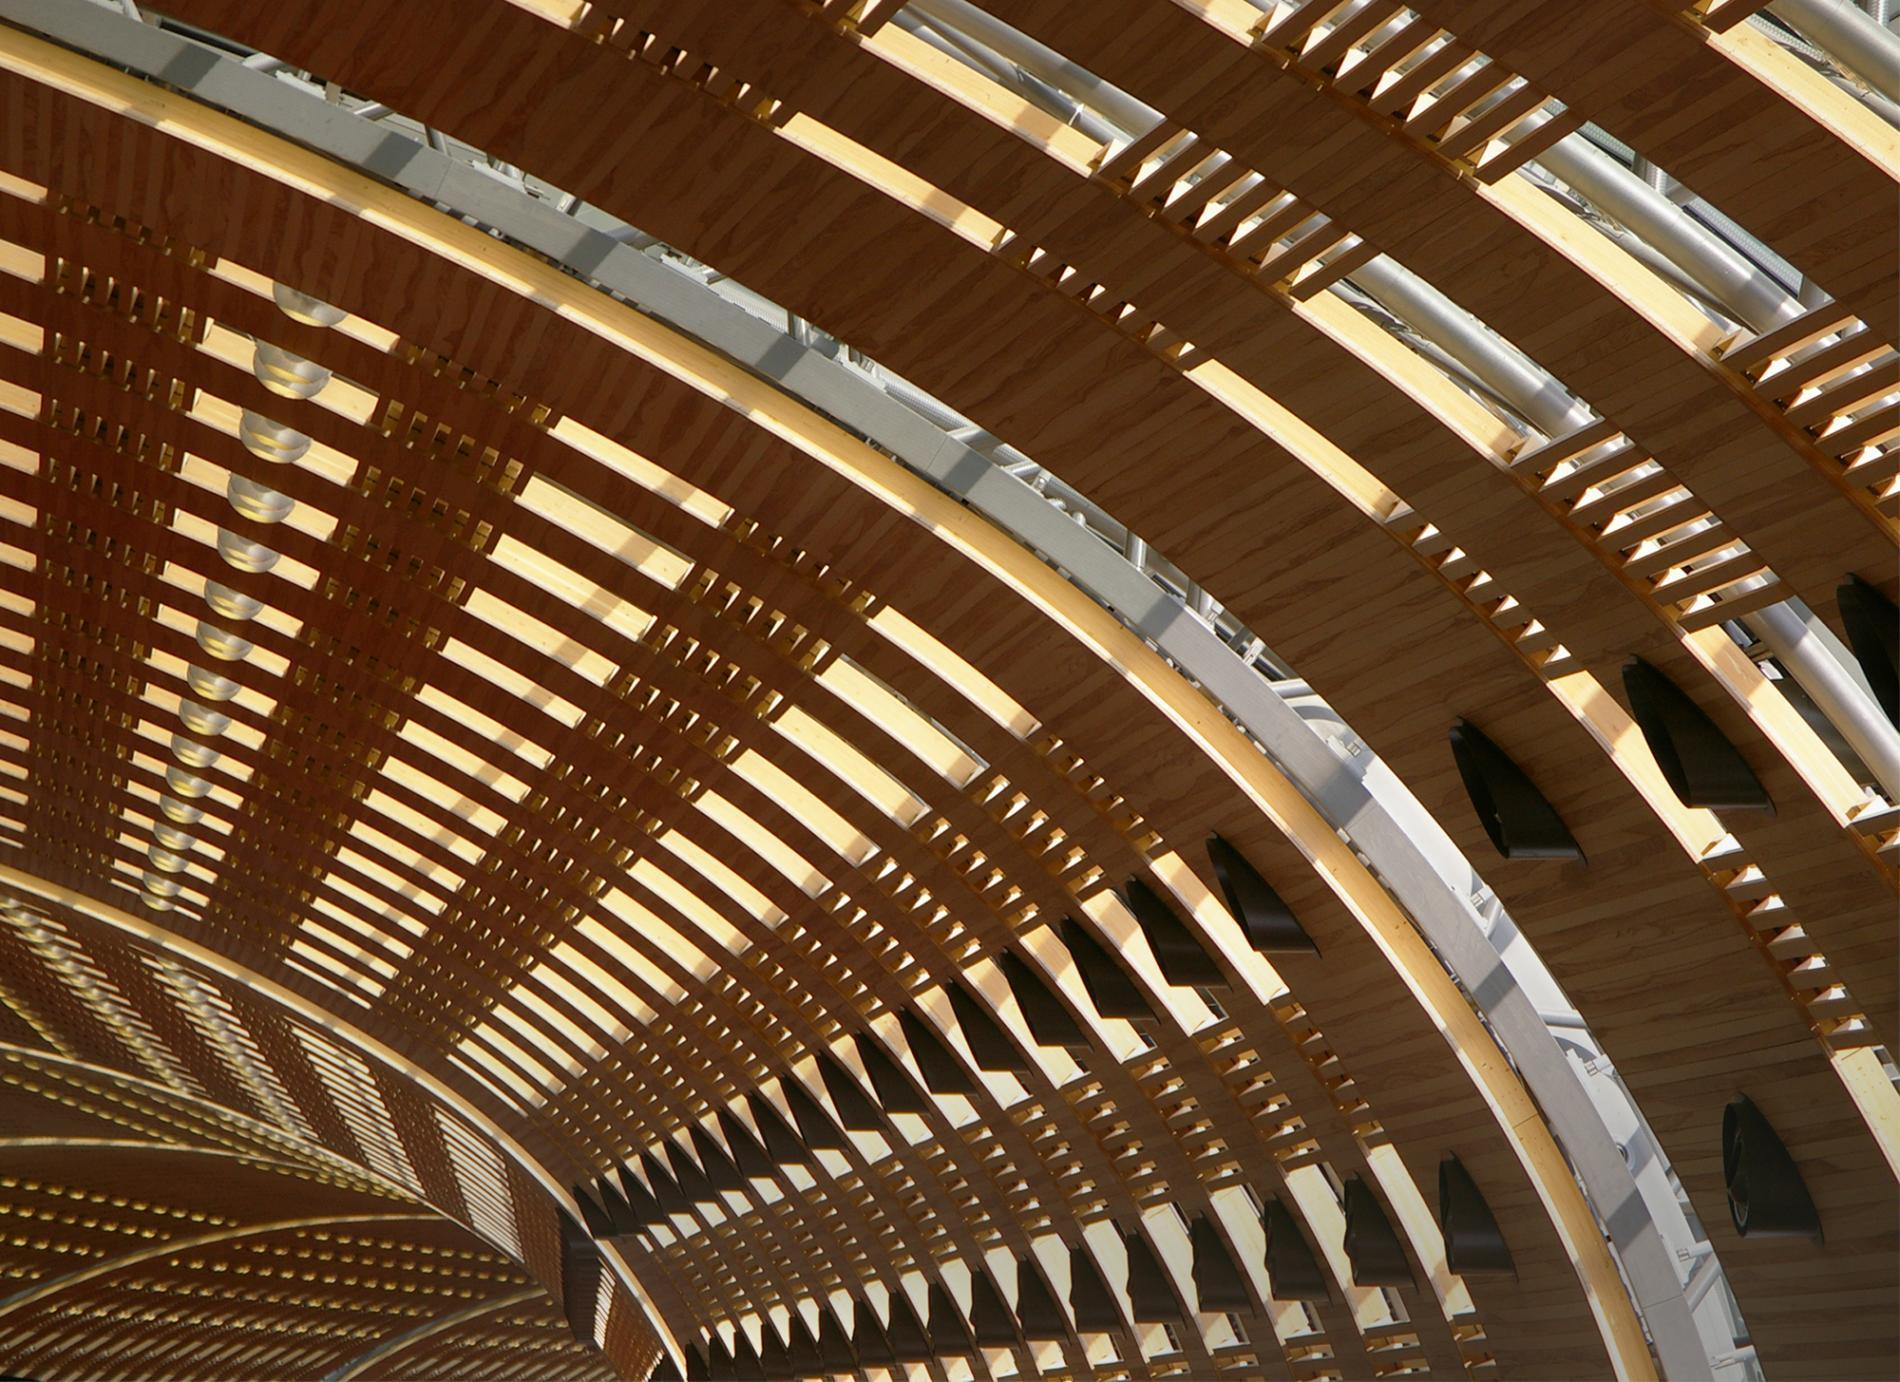 Vue d'ensemble de la voûte en habillage bois du Terminal 2E de l'aéroport de Paris-Charles de Gaulle